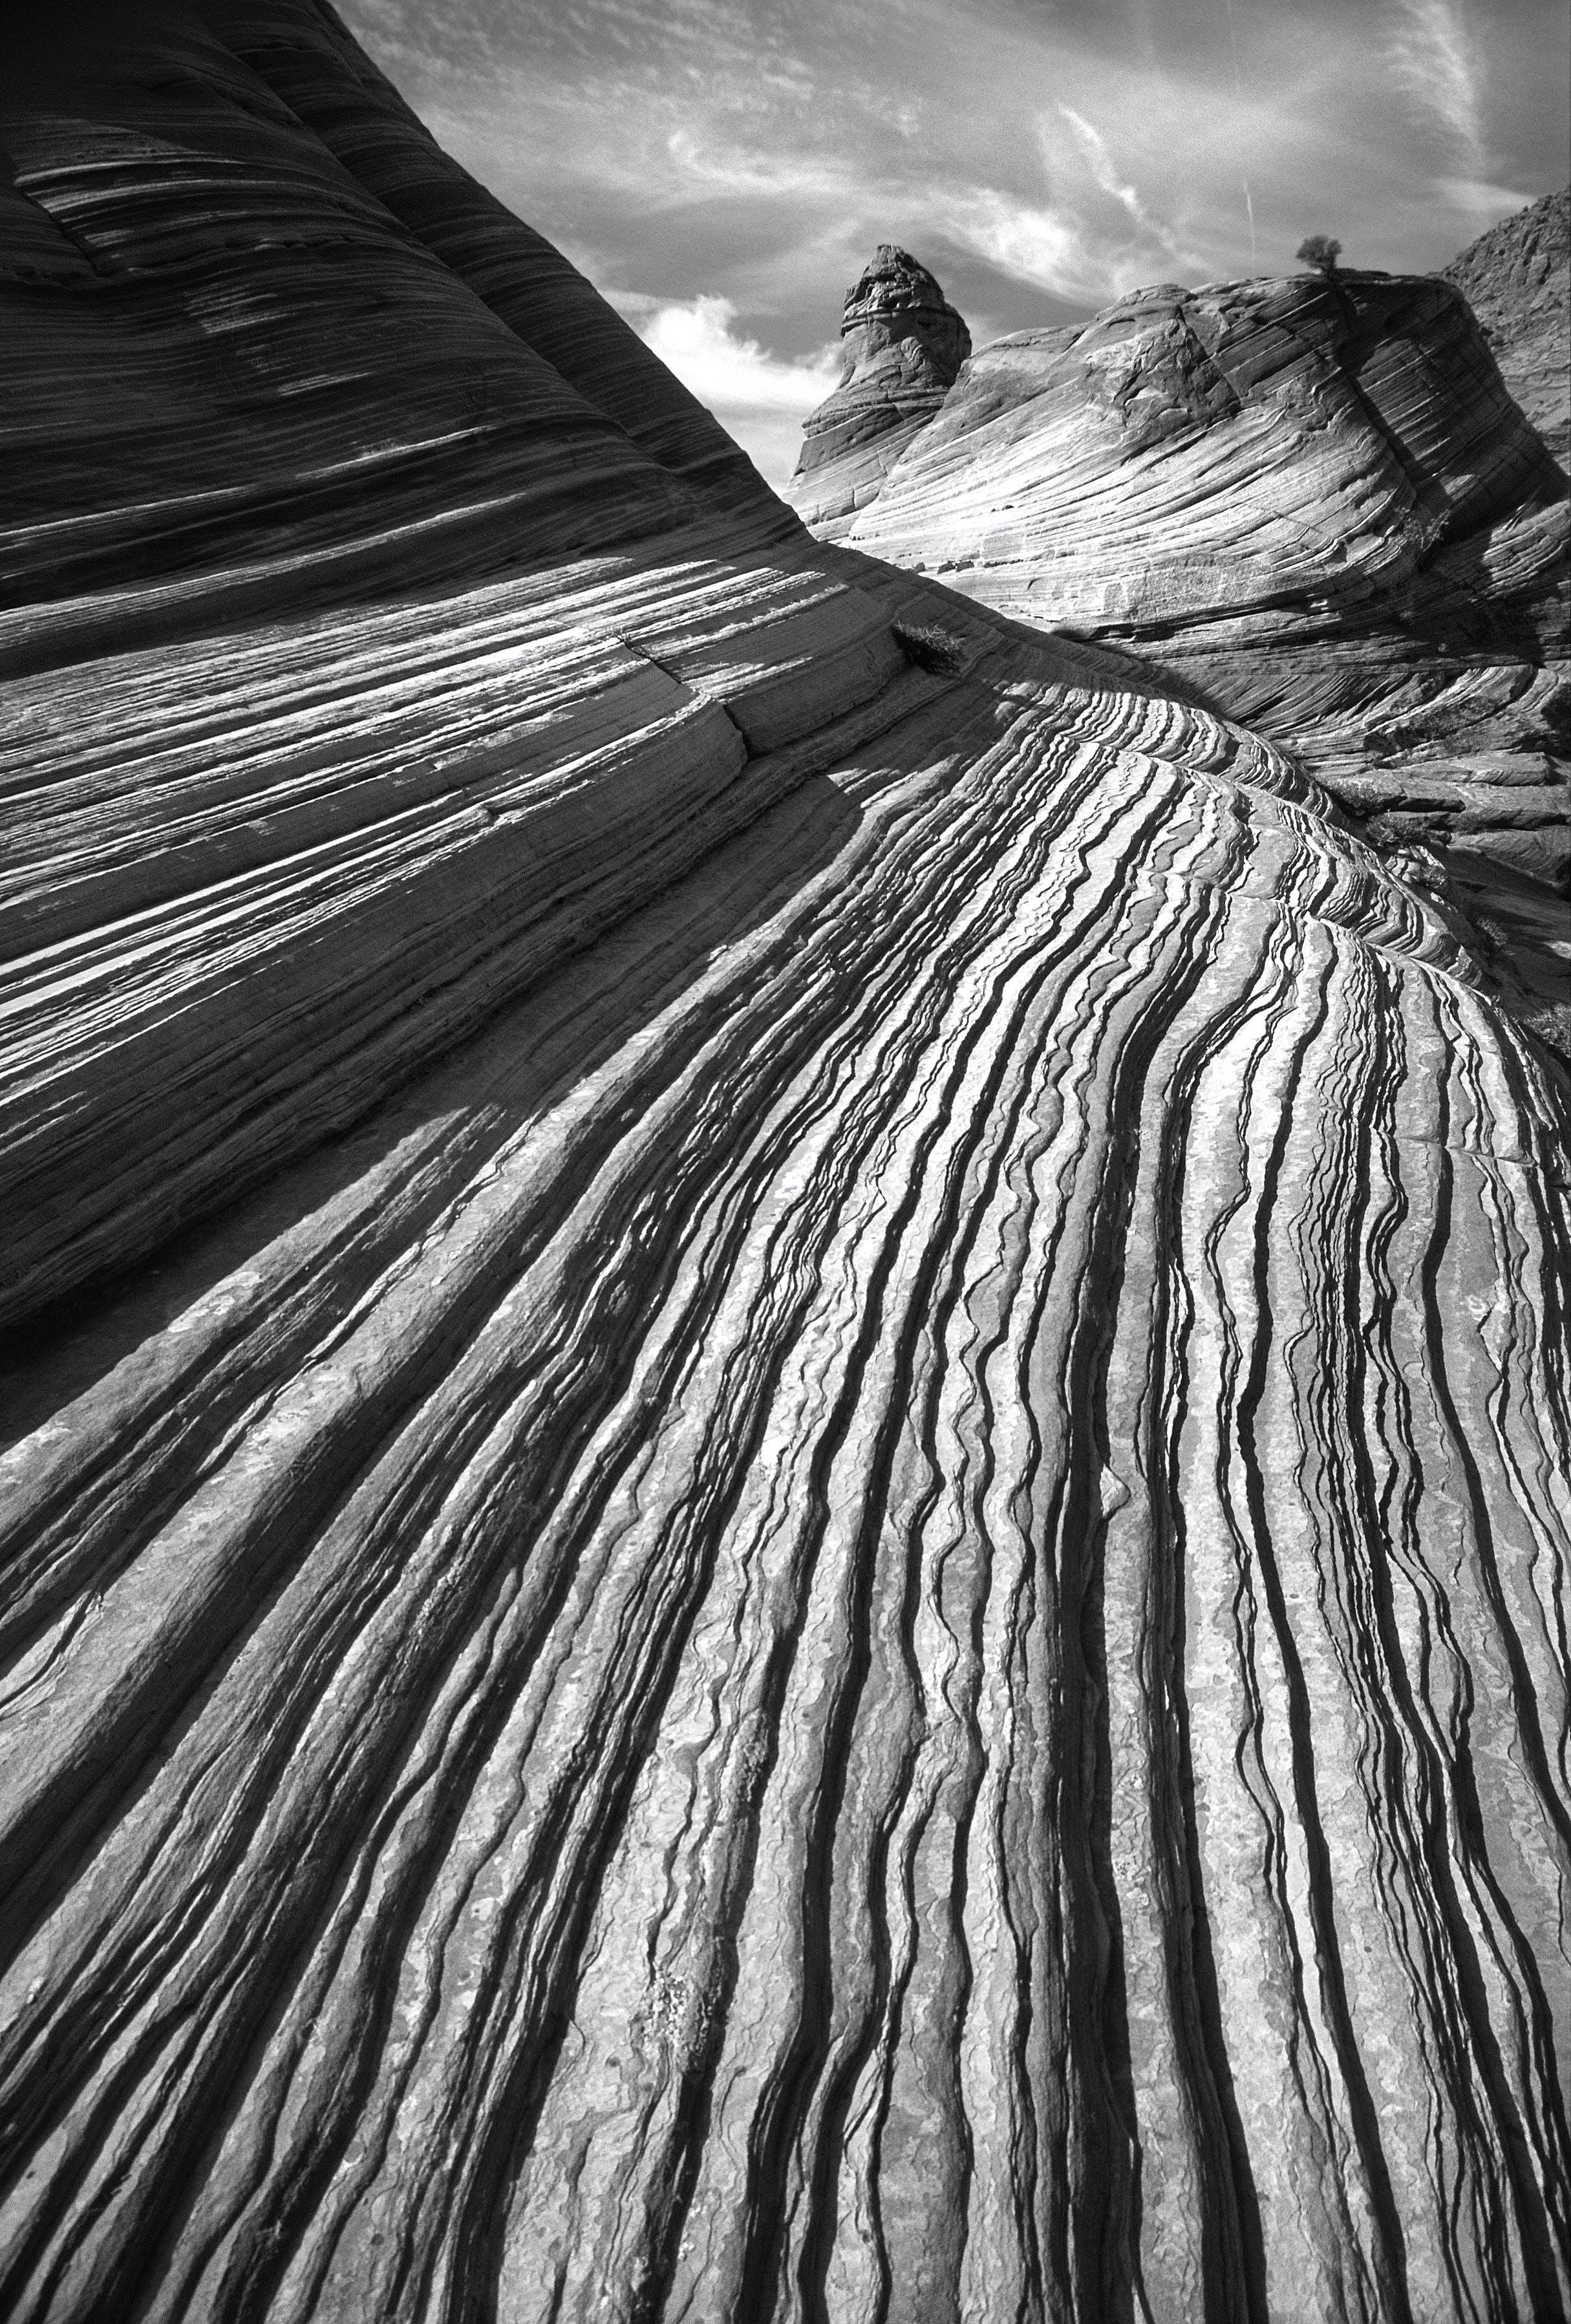 Δωρεάν στοκ φωτογραφιών με rock, ασπρόμαυρο, έρημος, μοτίβο